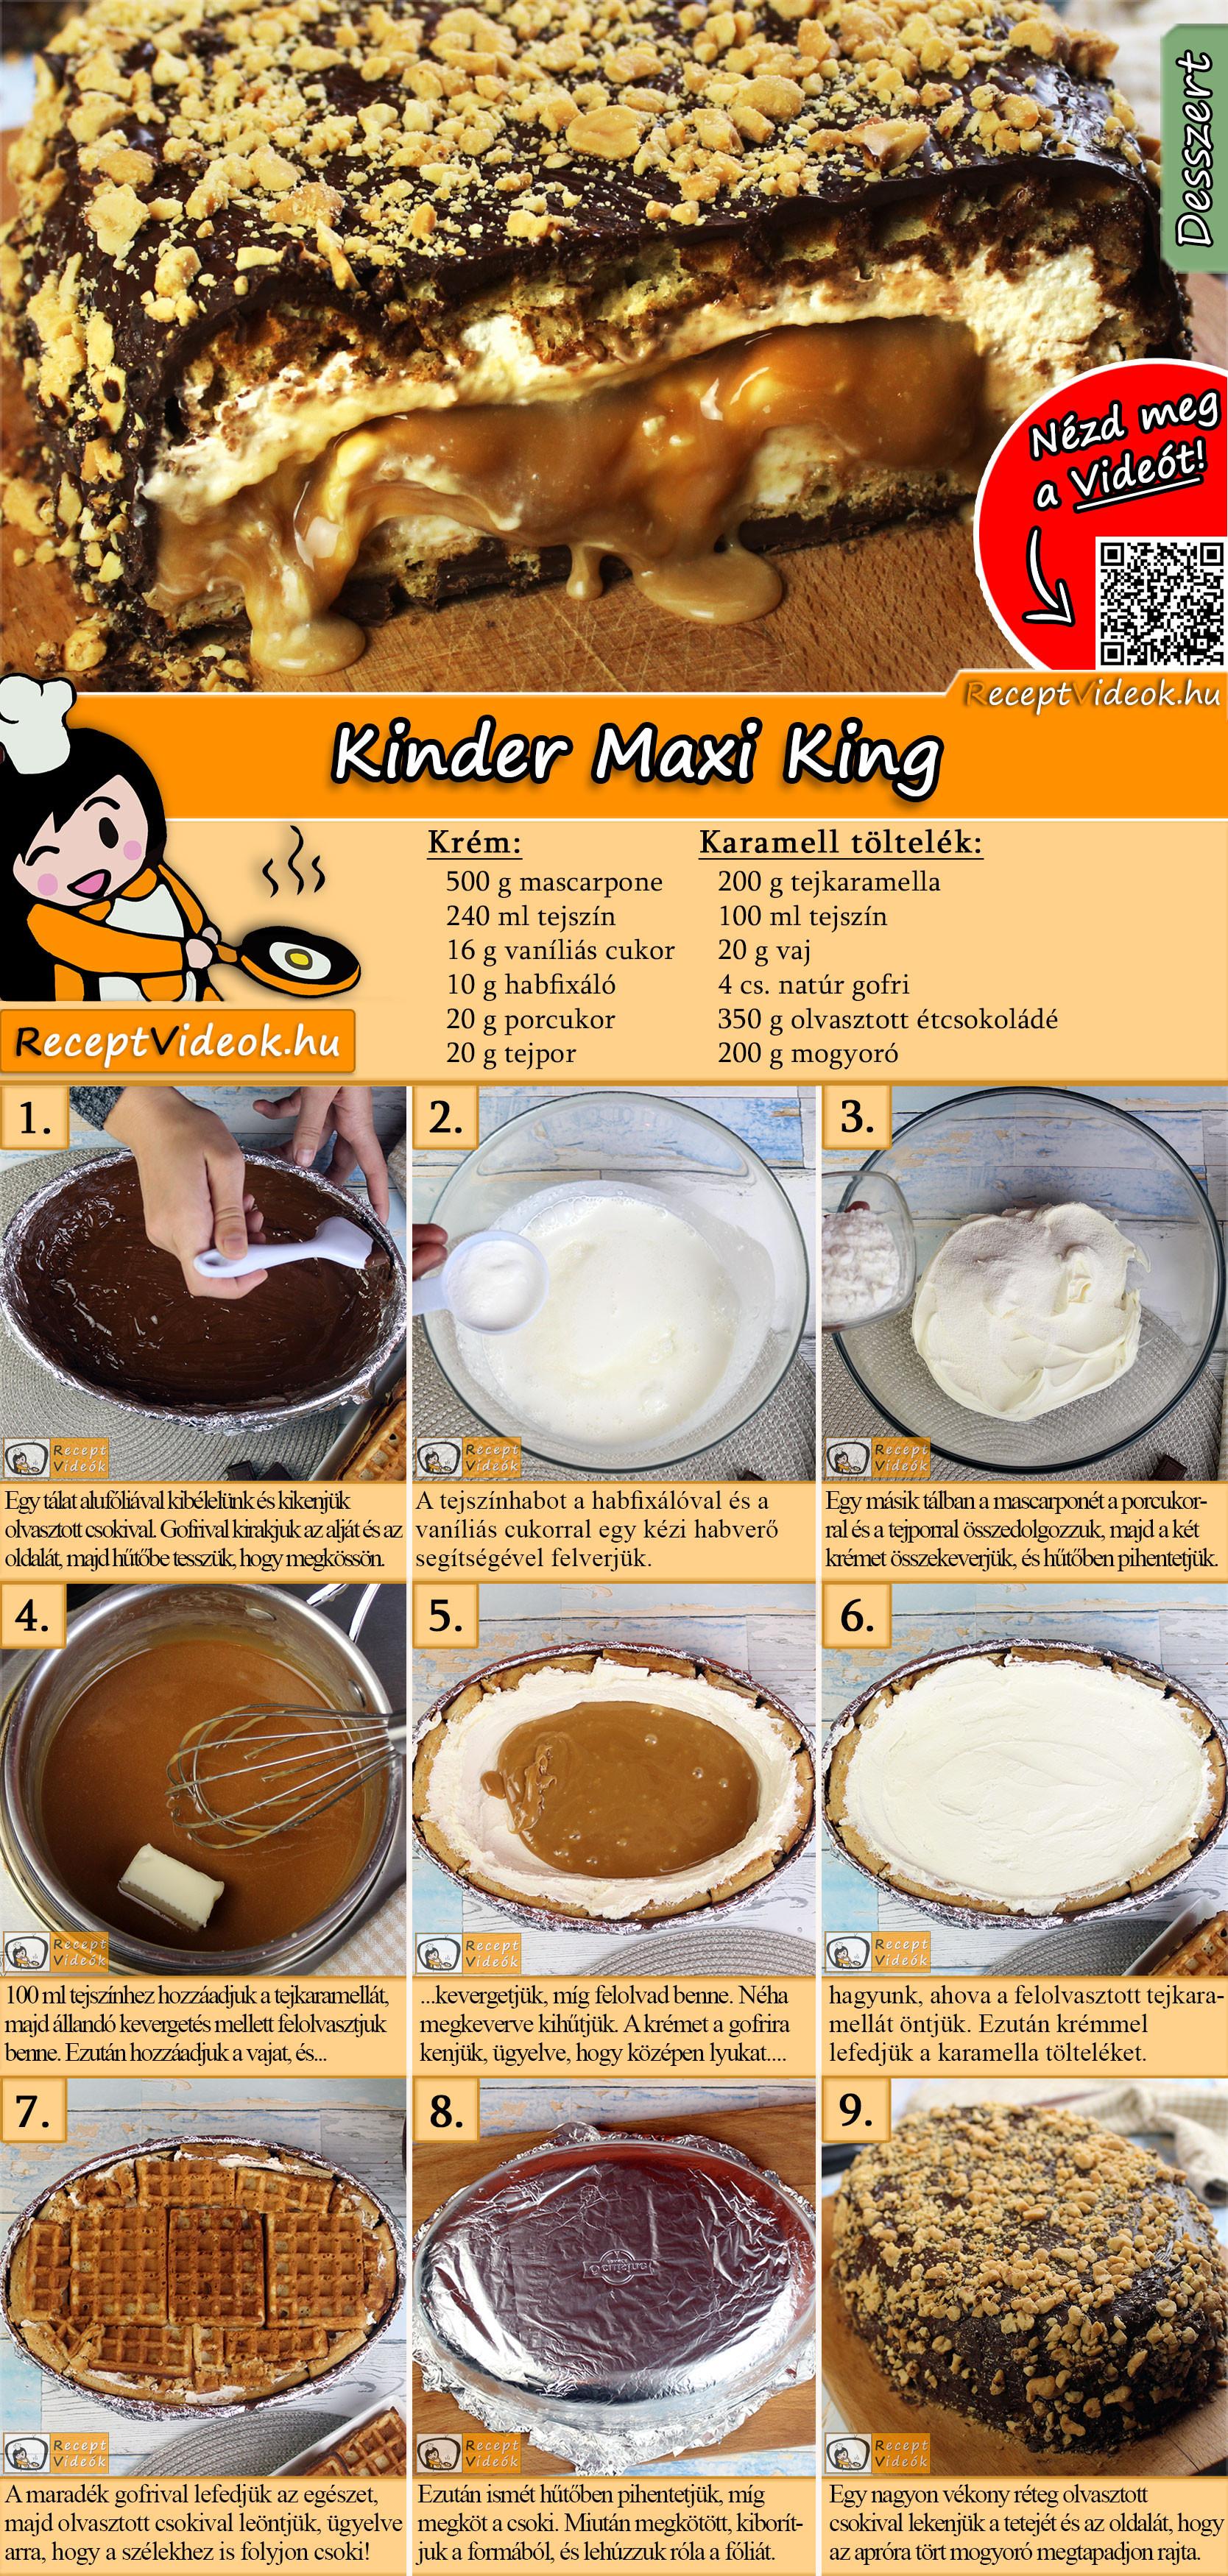 Kinder Maxi King recept elkészítése videóval